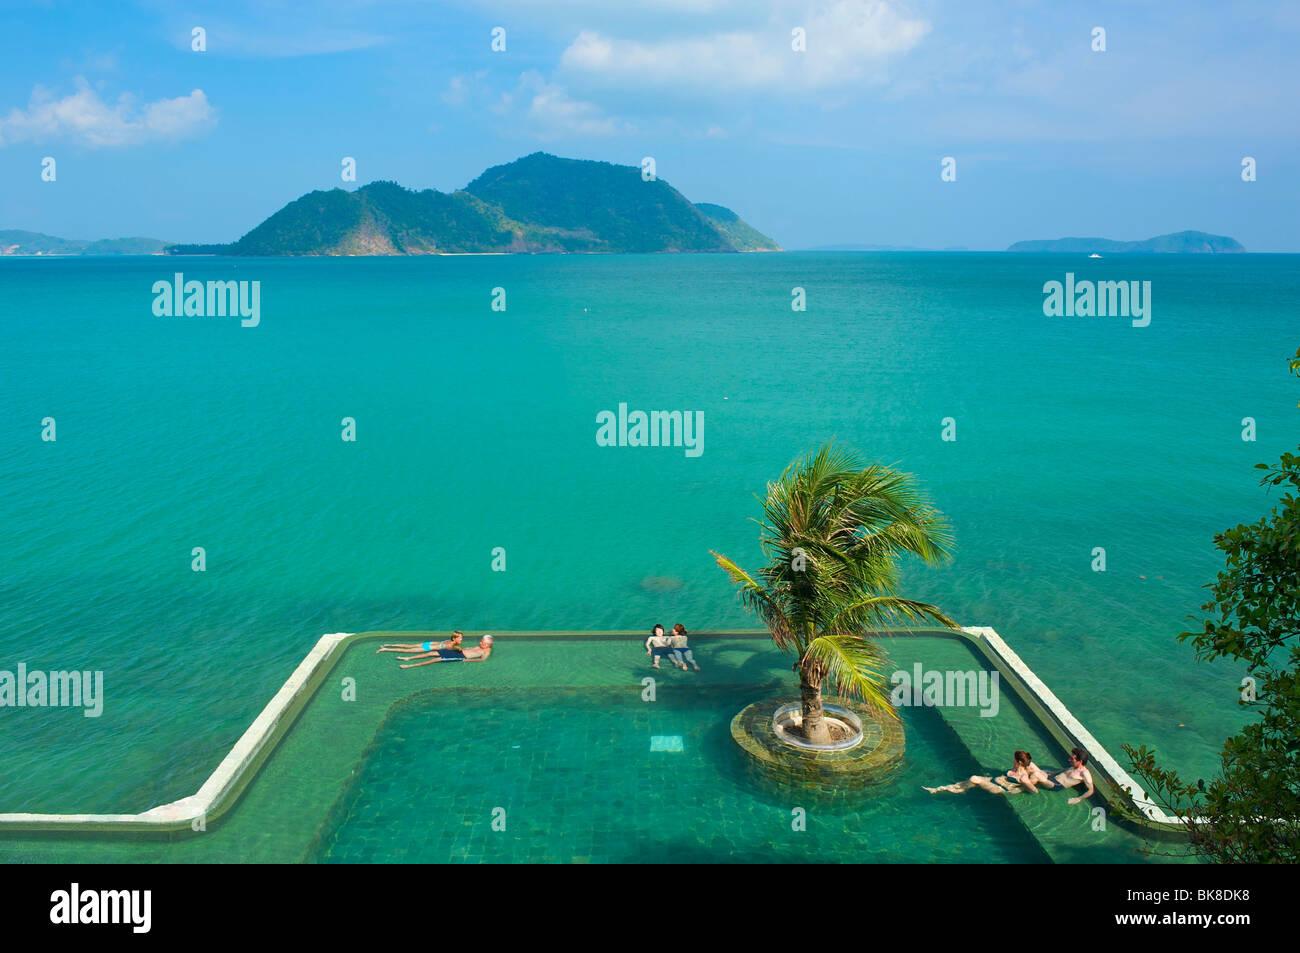 Piscina Evason Hotel, Isola di Phuket, Thailandia, Asia Immagini Stock